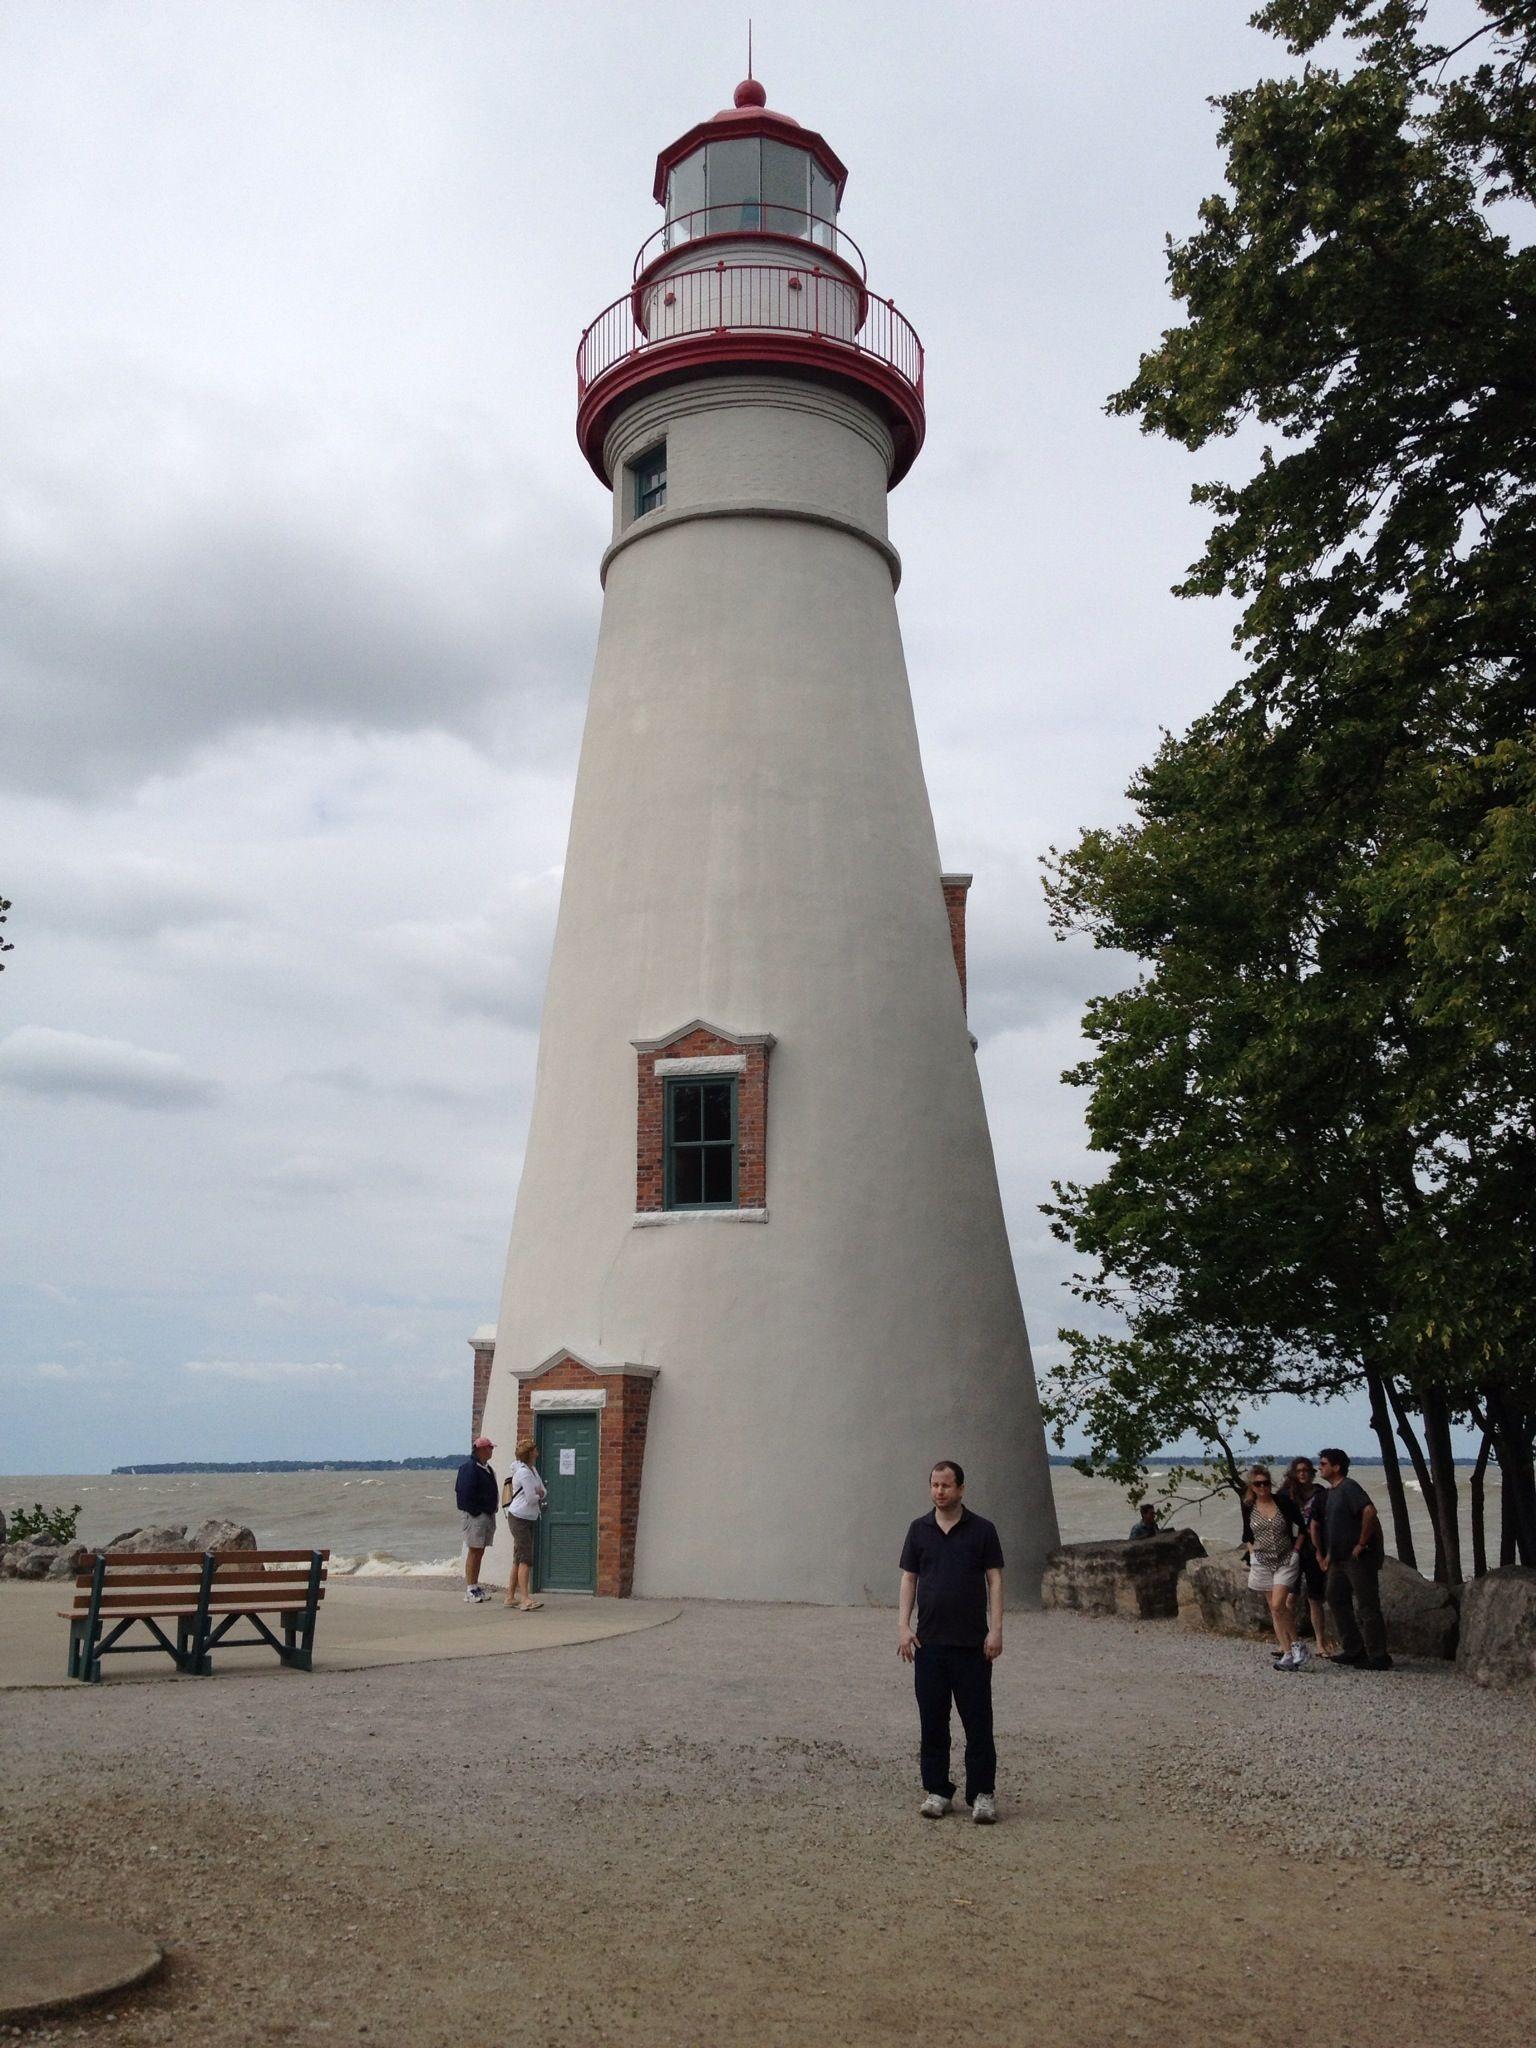 Lighthouse Marblehead Near Sandusky Ohio USA windy day